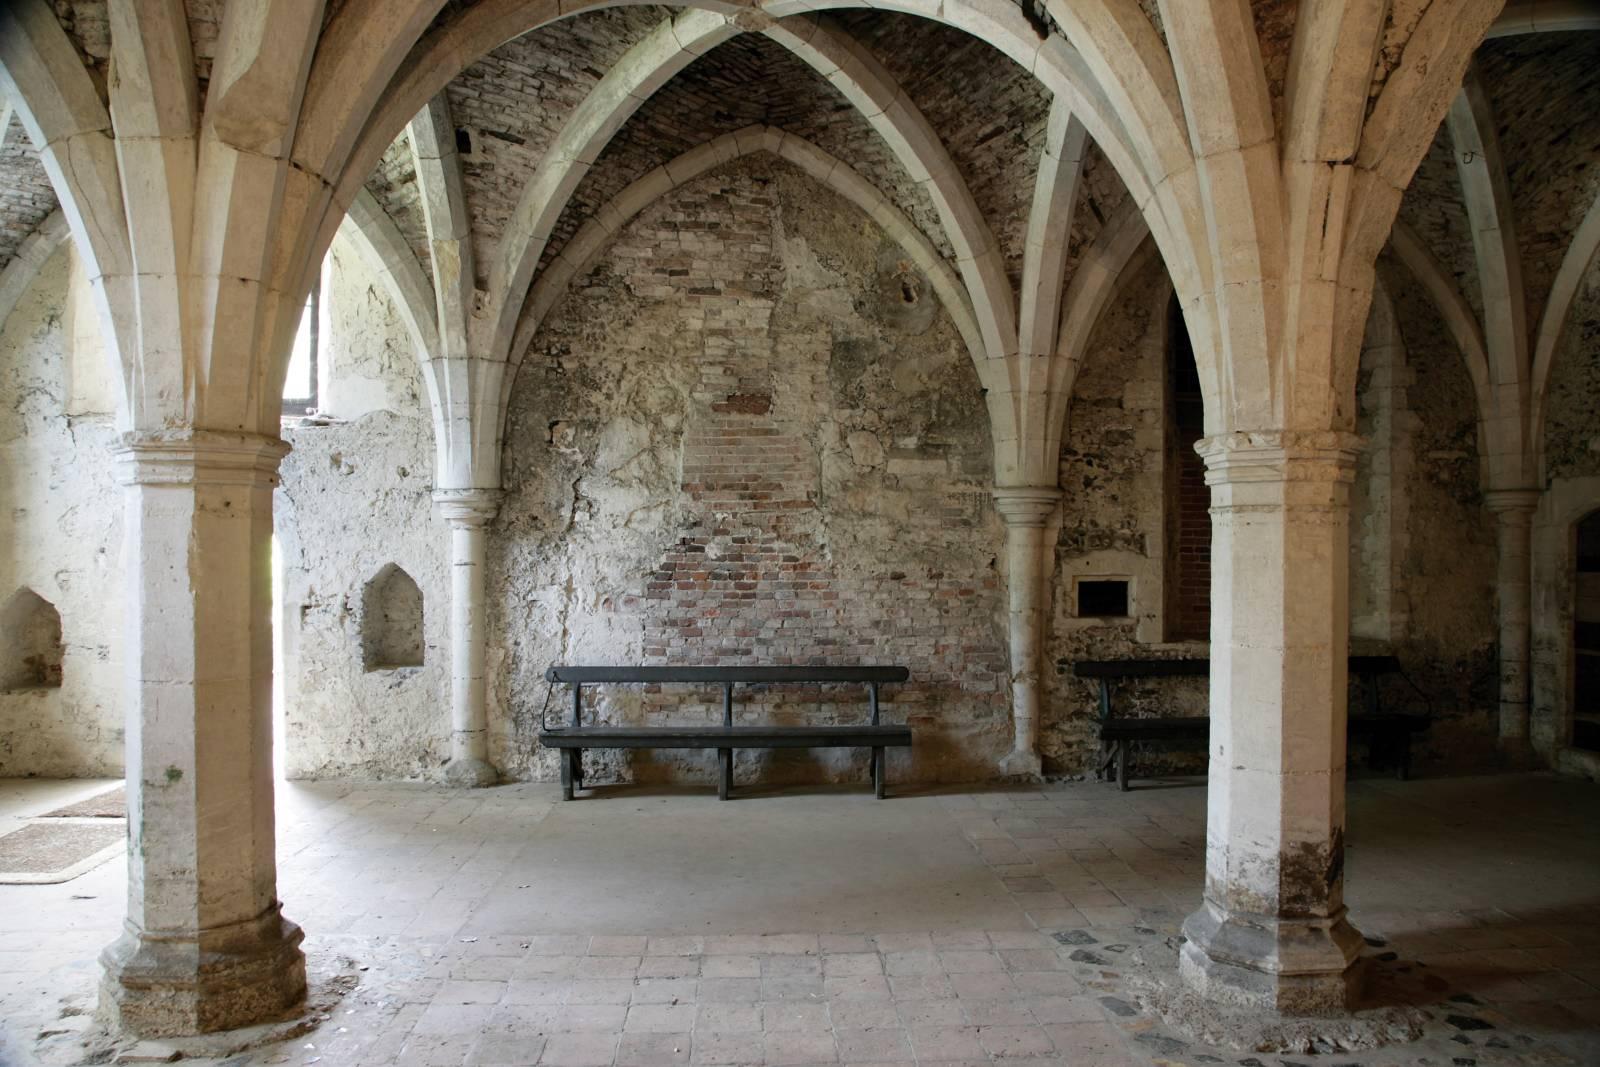 Walsingham Abbey guidebook - 2 of 3